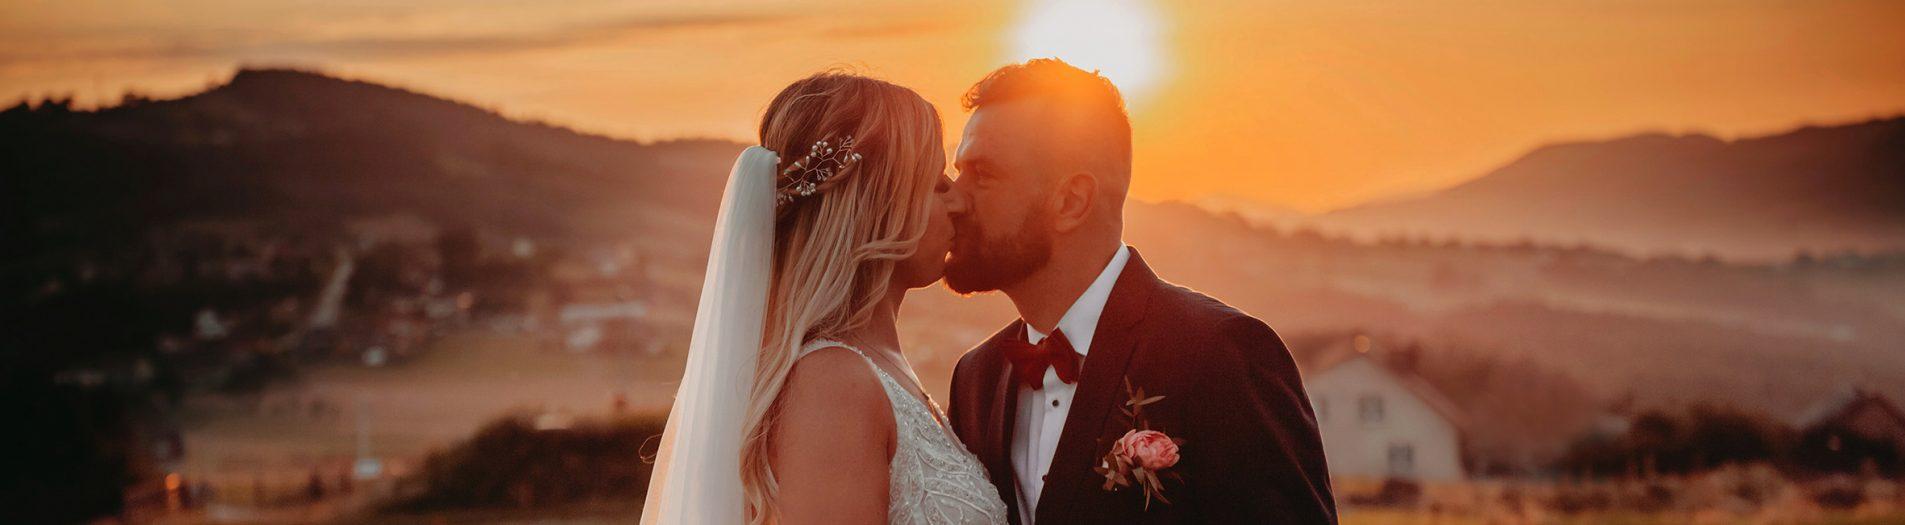 Aneta & Marcin Nowy Sącz 2020  Wedding